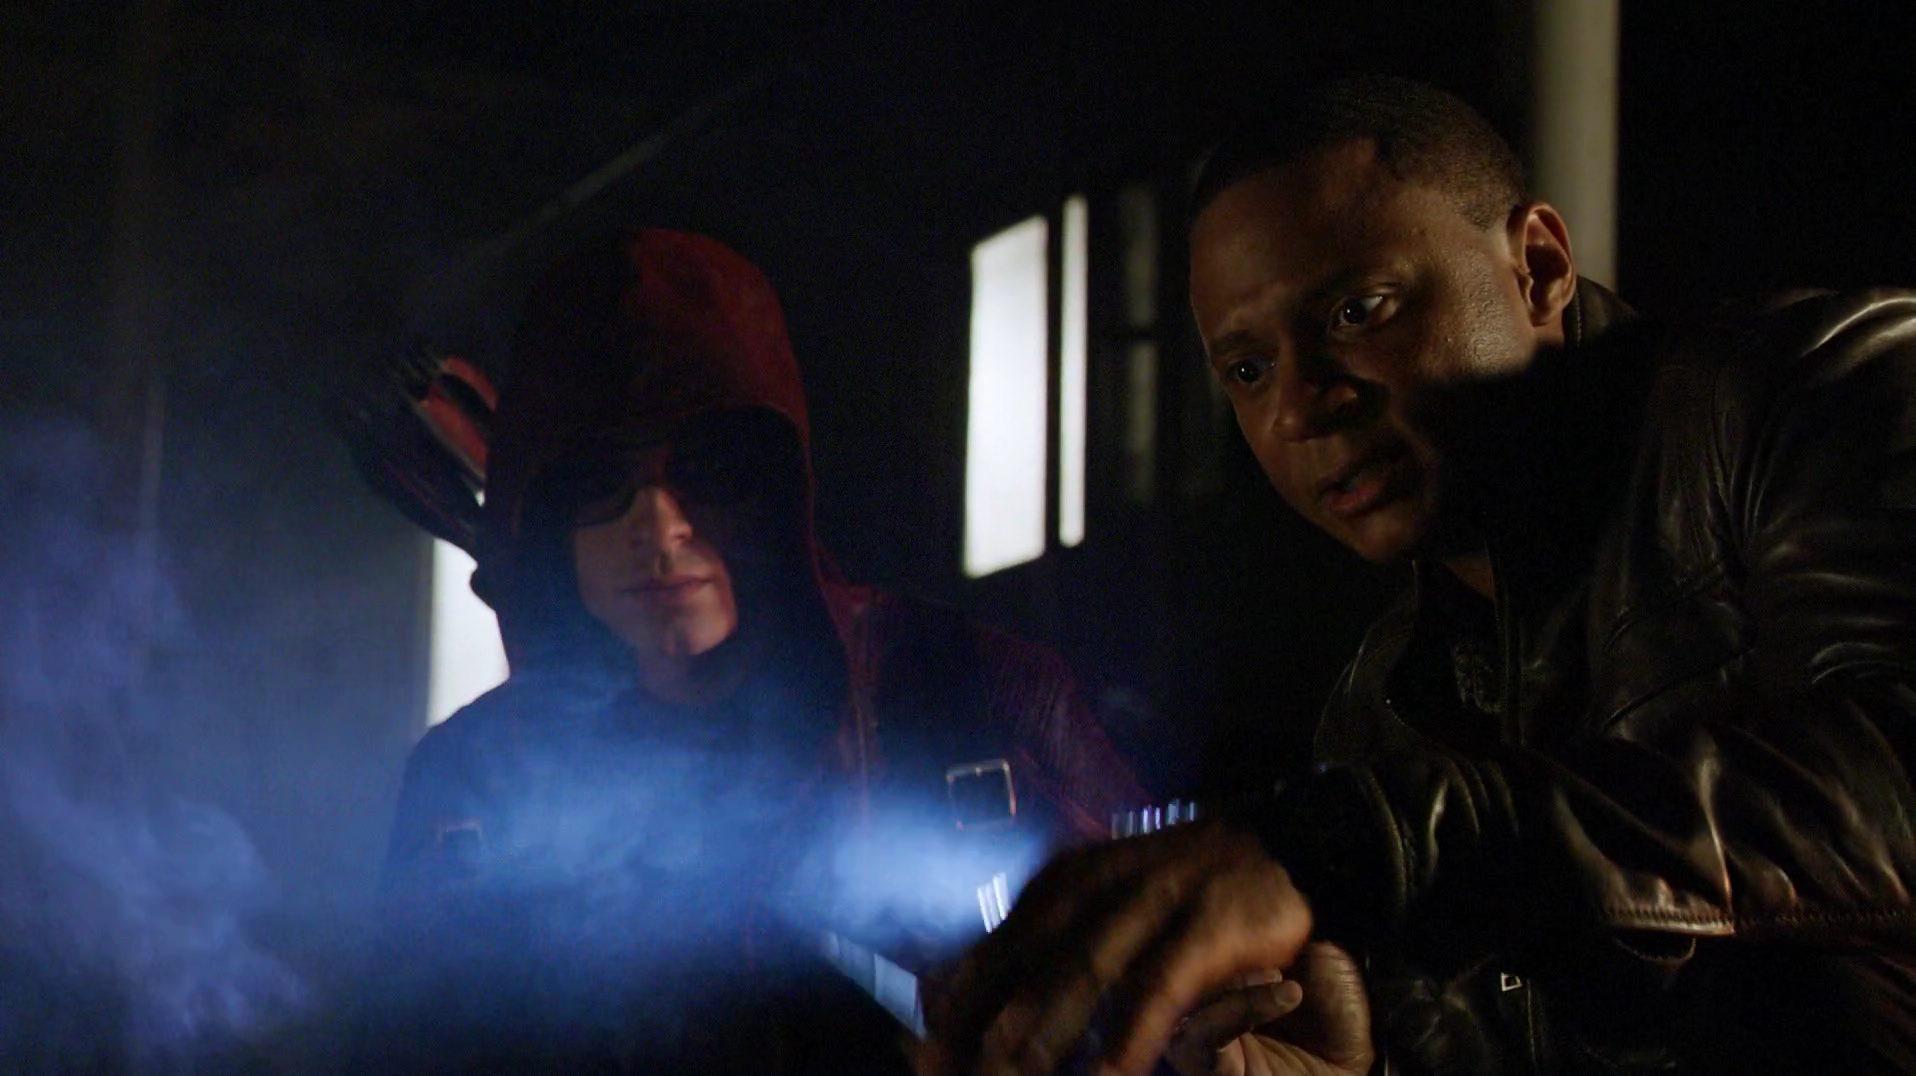 Team Arrow sans Arrow feels... kinda off